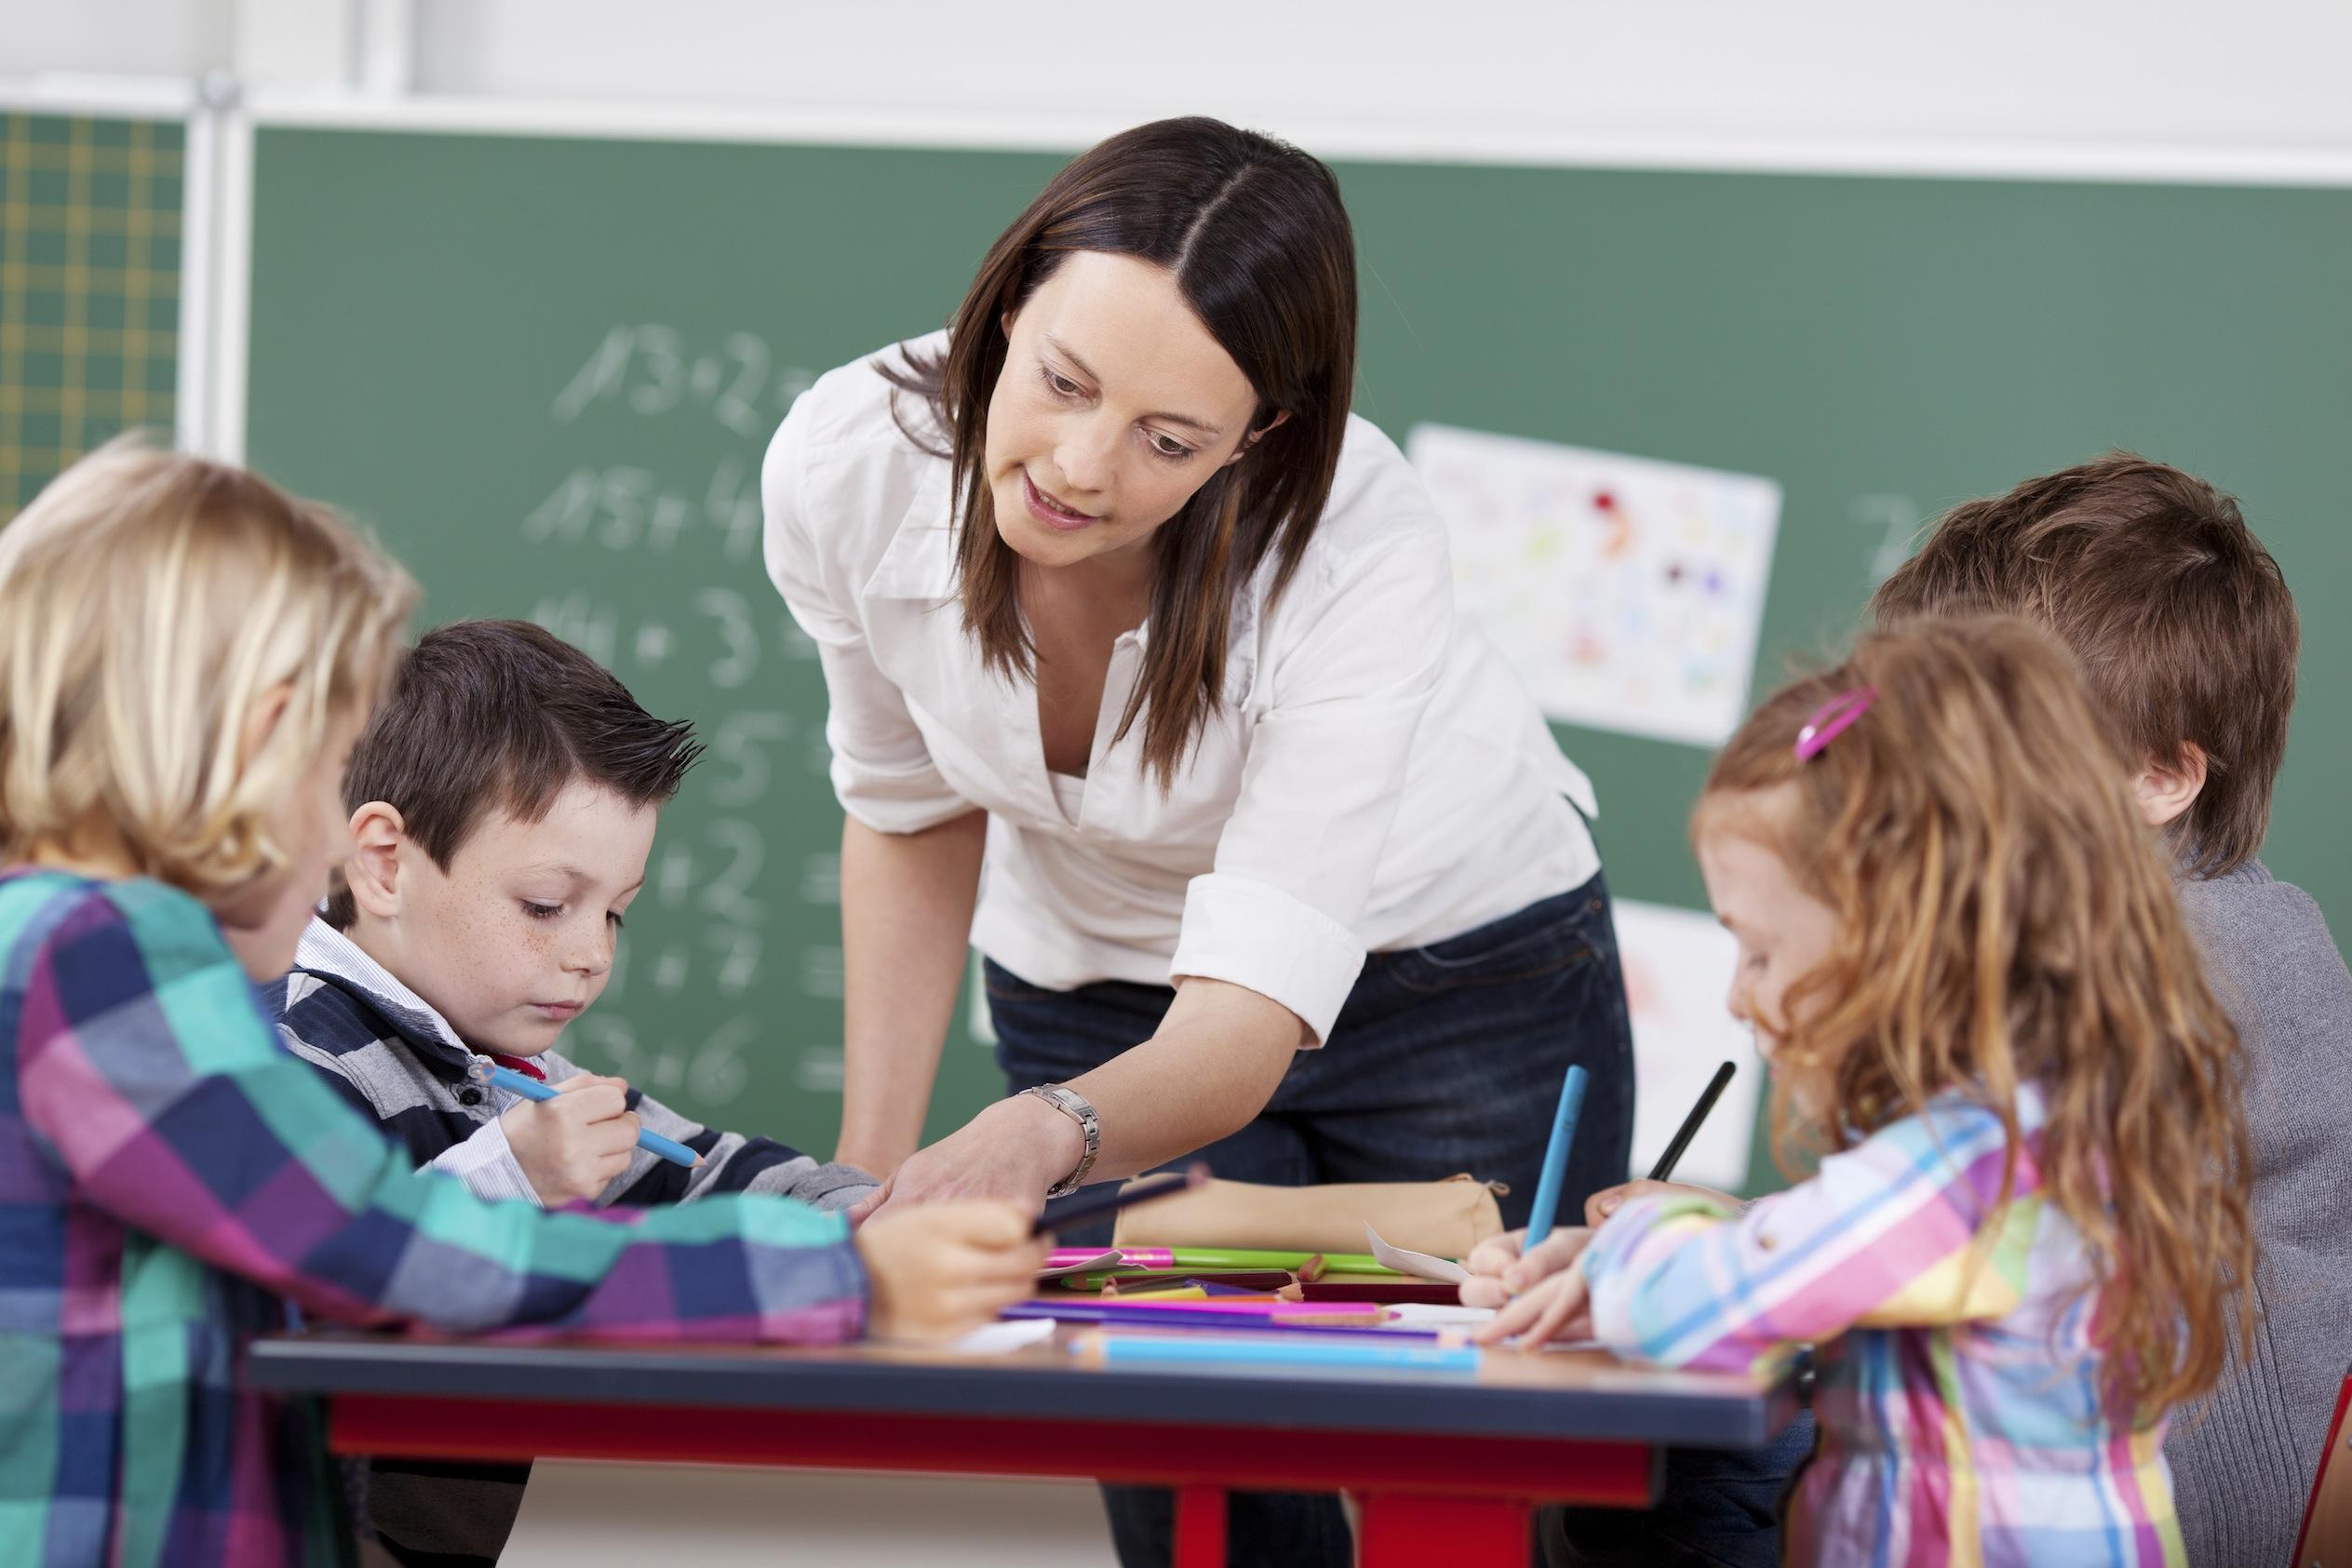 Организация целостного педагогического процесса, обеспечивающего эффективное обучение младших школьников в условиях реализации ФГОС